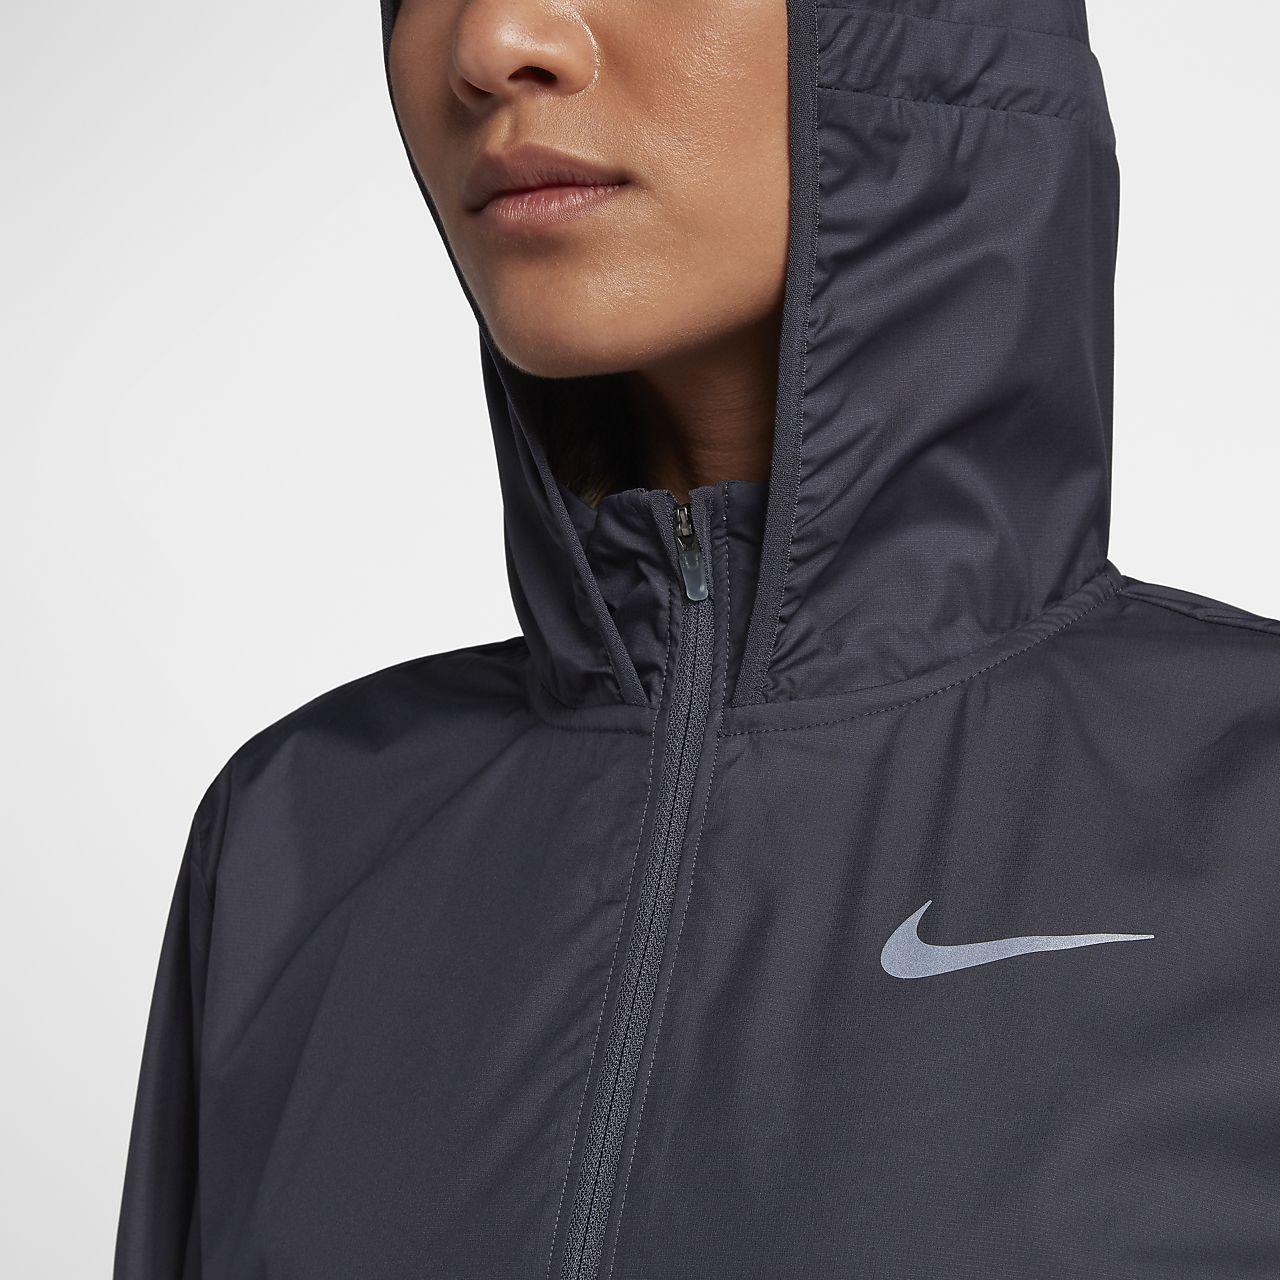 Femme De Pqcnzbf Ma Running Veste Pour Essential Nike PgAwgqa